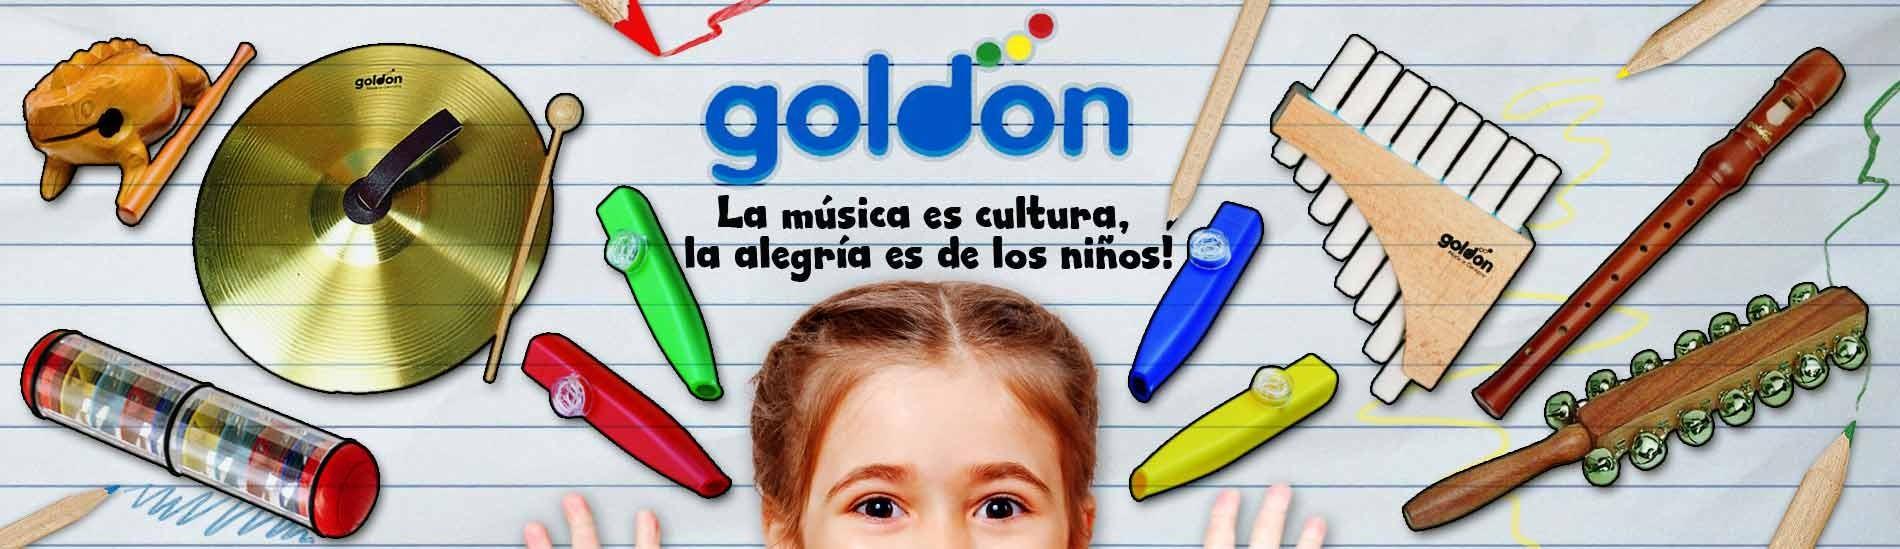 Instrumentos de iniciación musical (Orff) Goldon